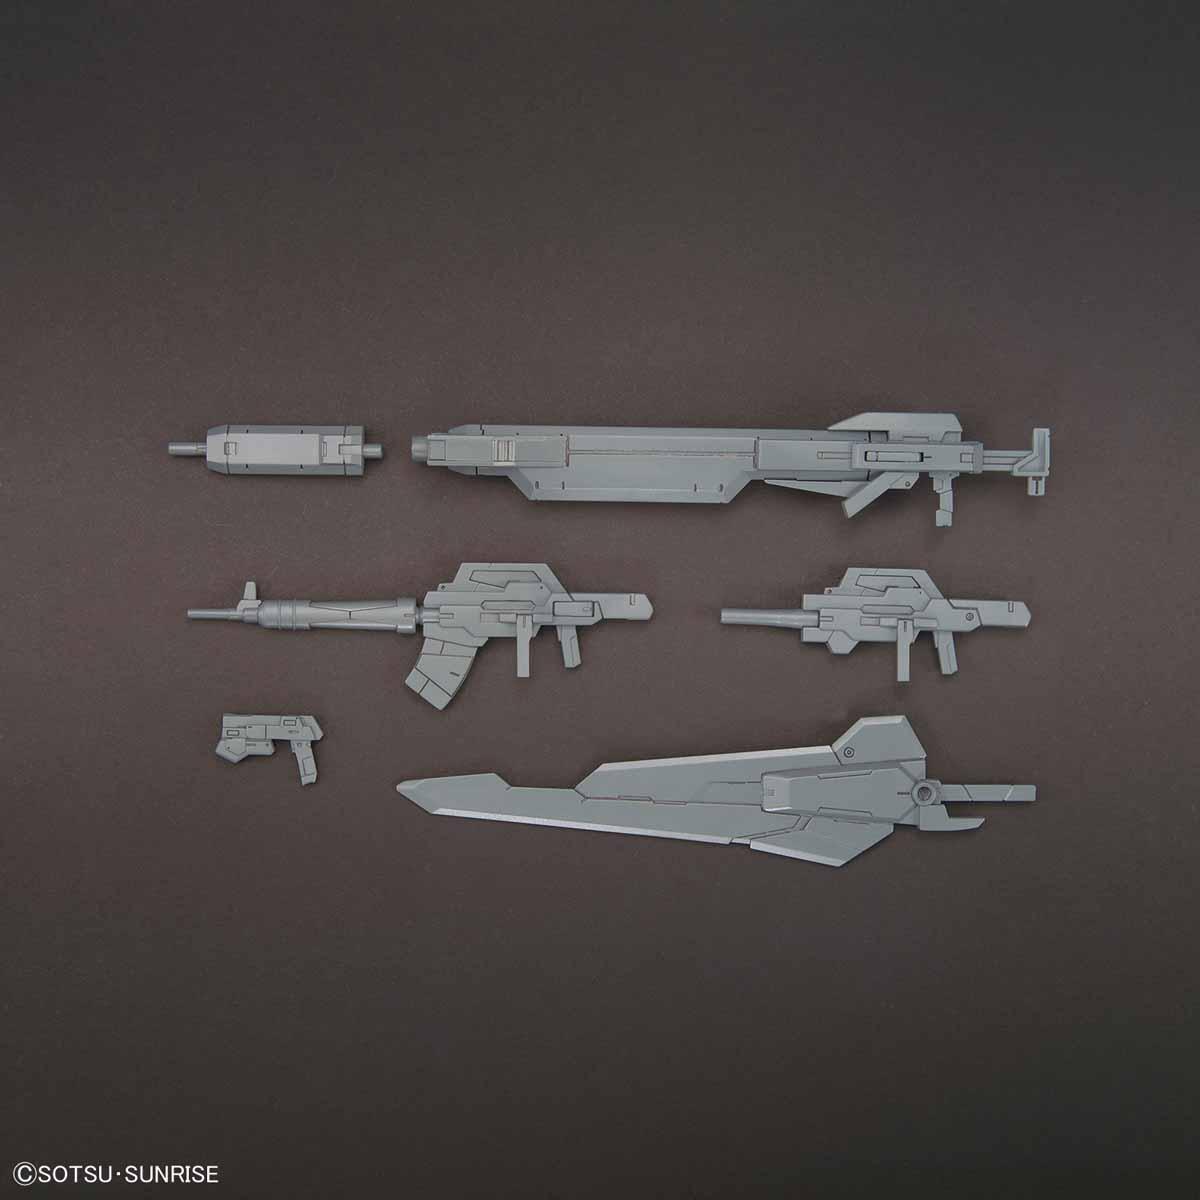 HGBC 1/144 24thセンチュリーウエポンズ [24th Century Weapons] 0220706 5058258